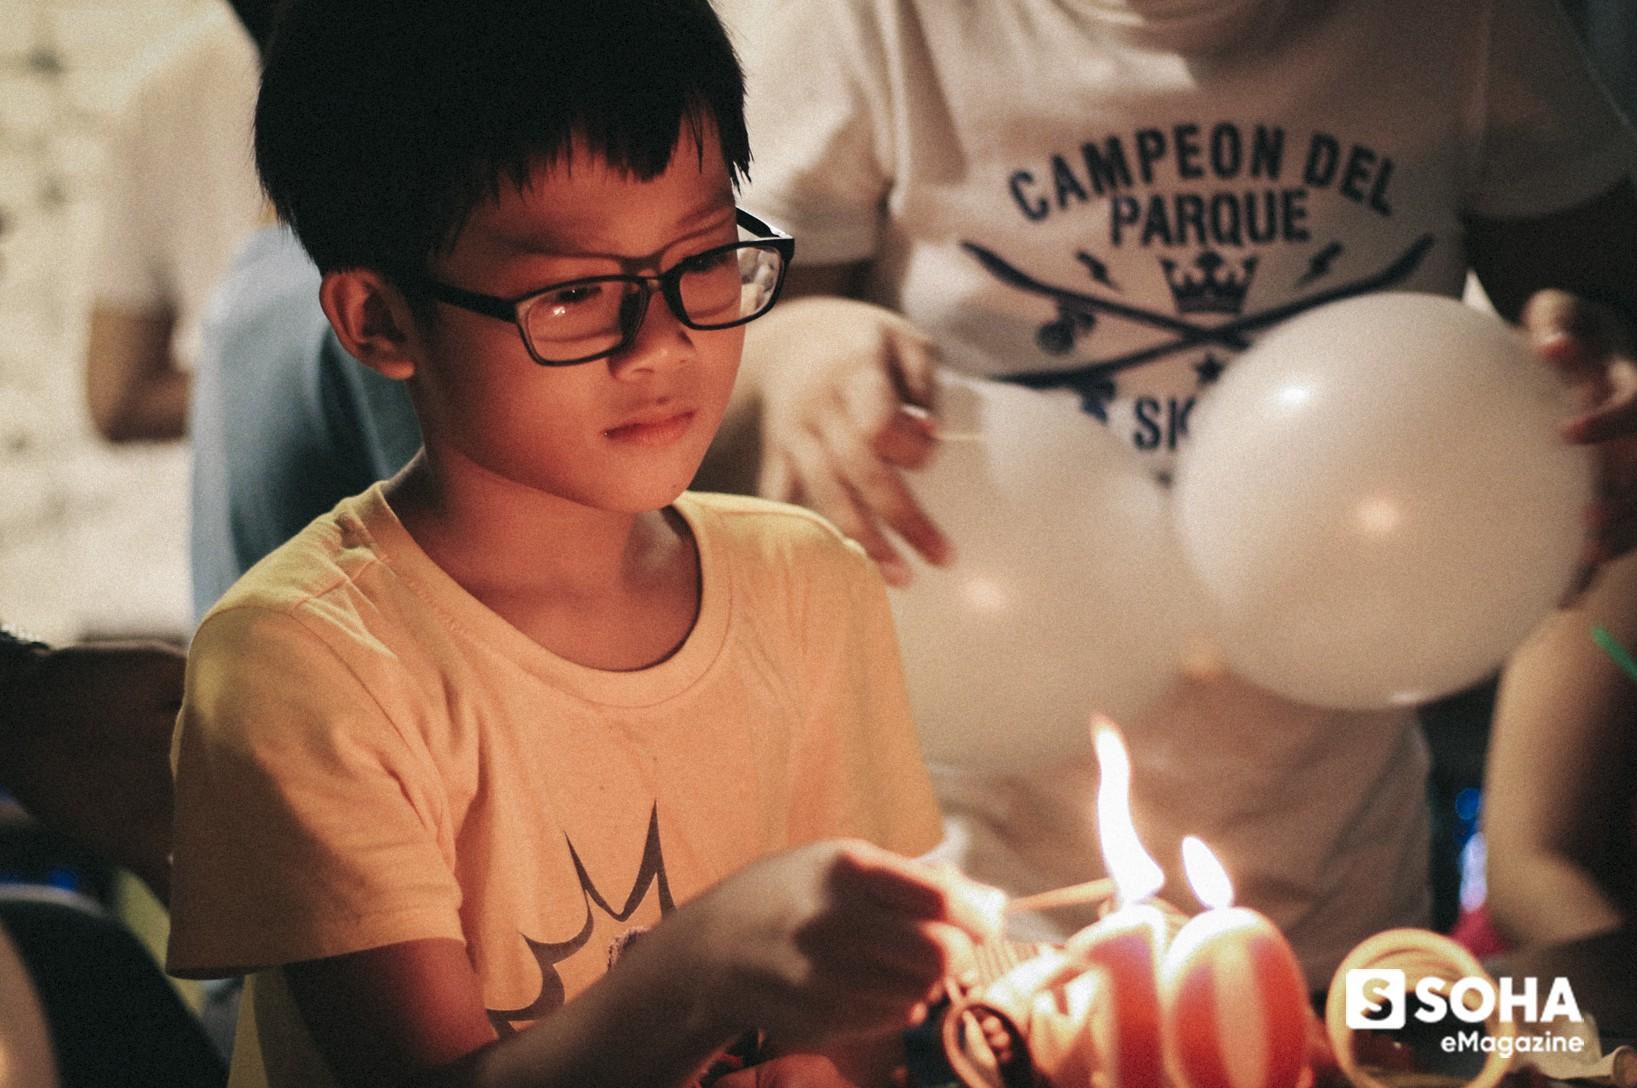 Nhà báo Trần Mai Anh: Nỗi đau, nước mắt, oan ức, bình an và tình yêu vô điều kiện của Thiện Nhân - Ảnh 17.